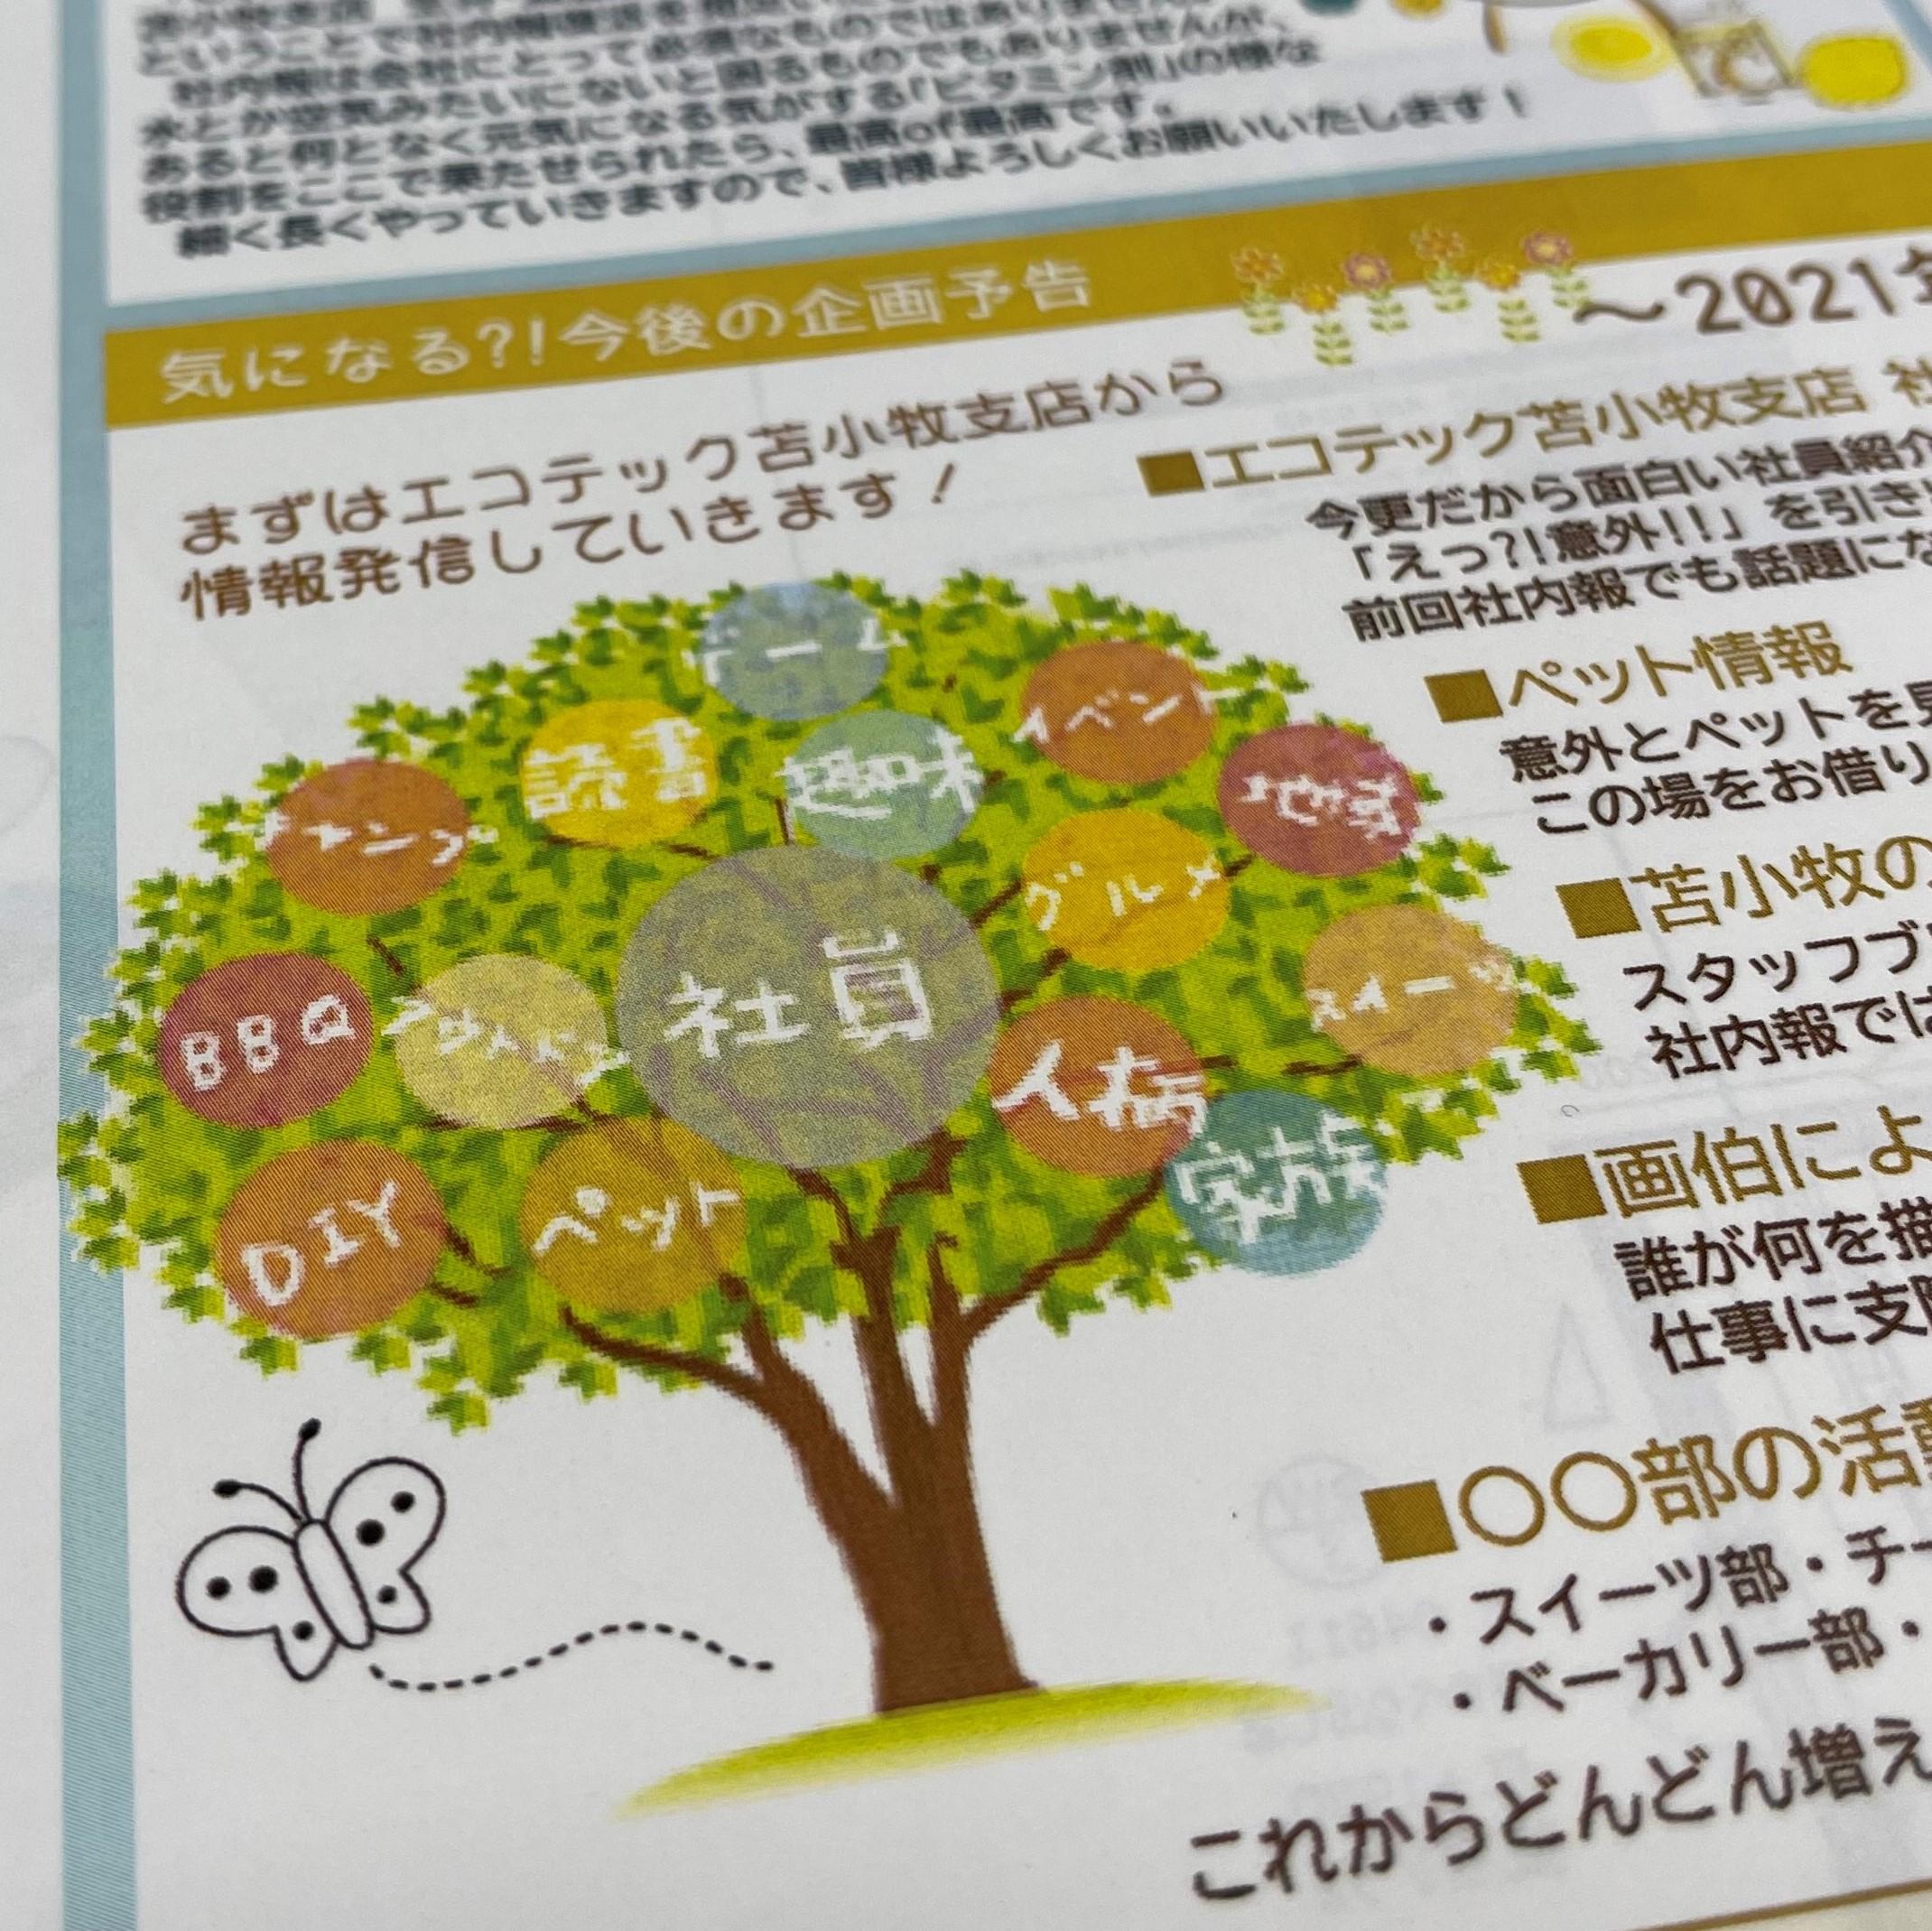 210517_04_社内報チラ見せ.jpg